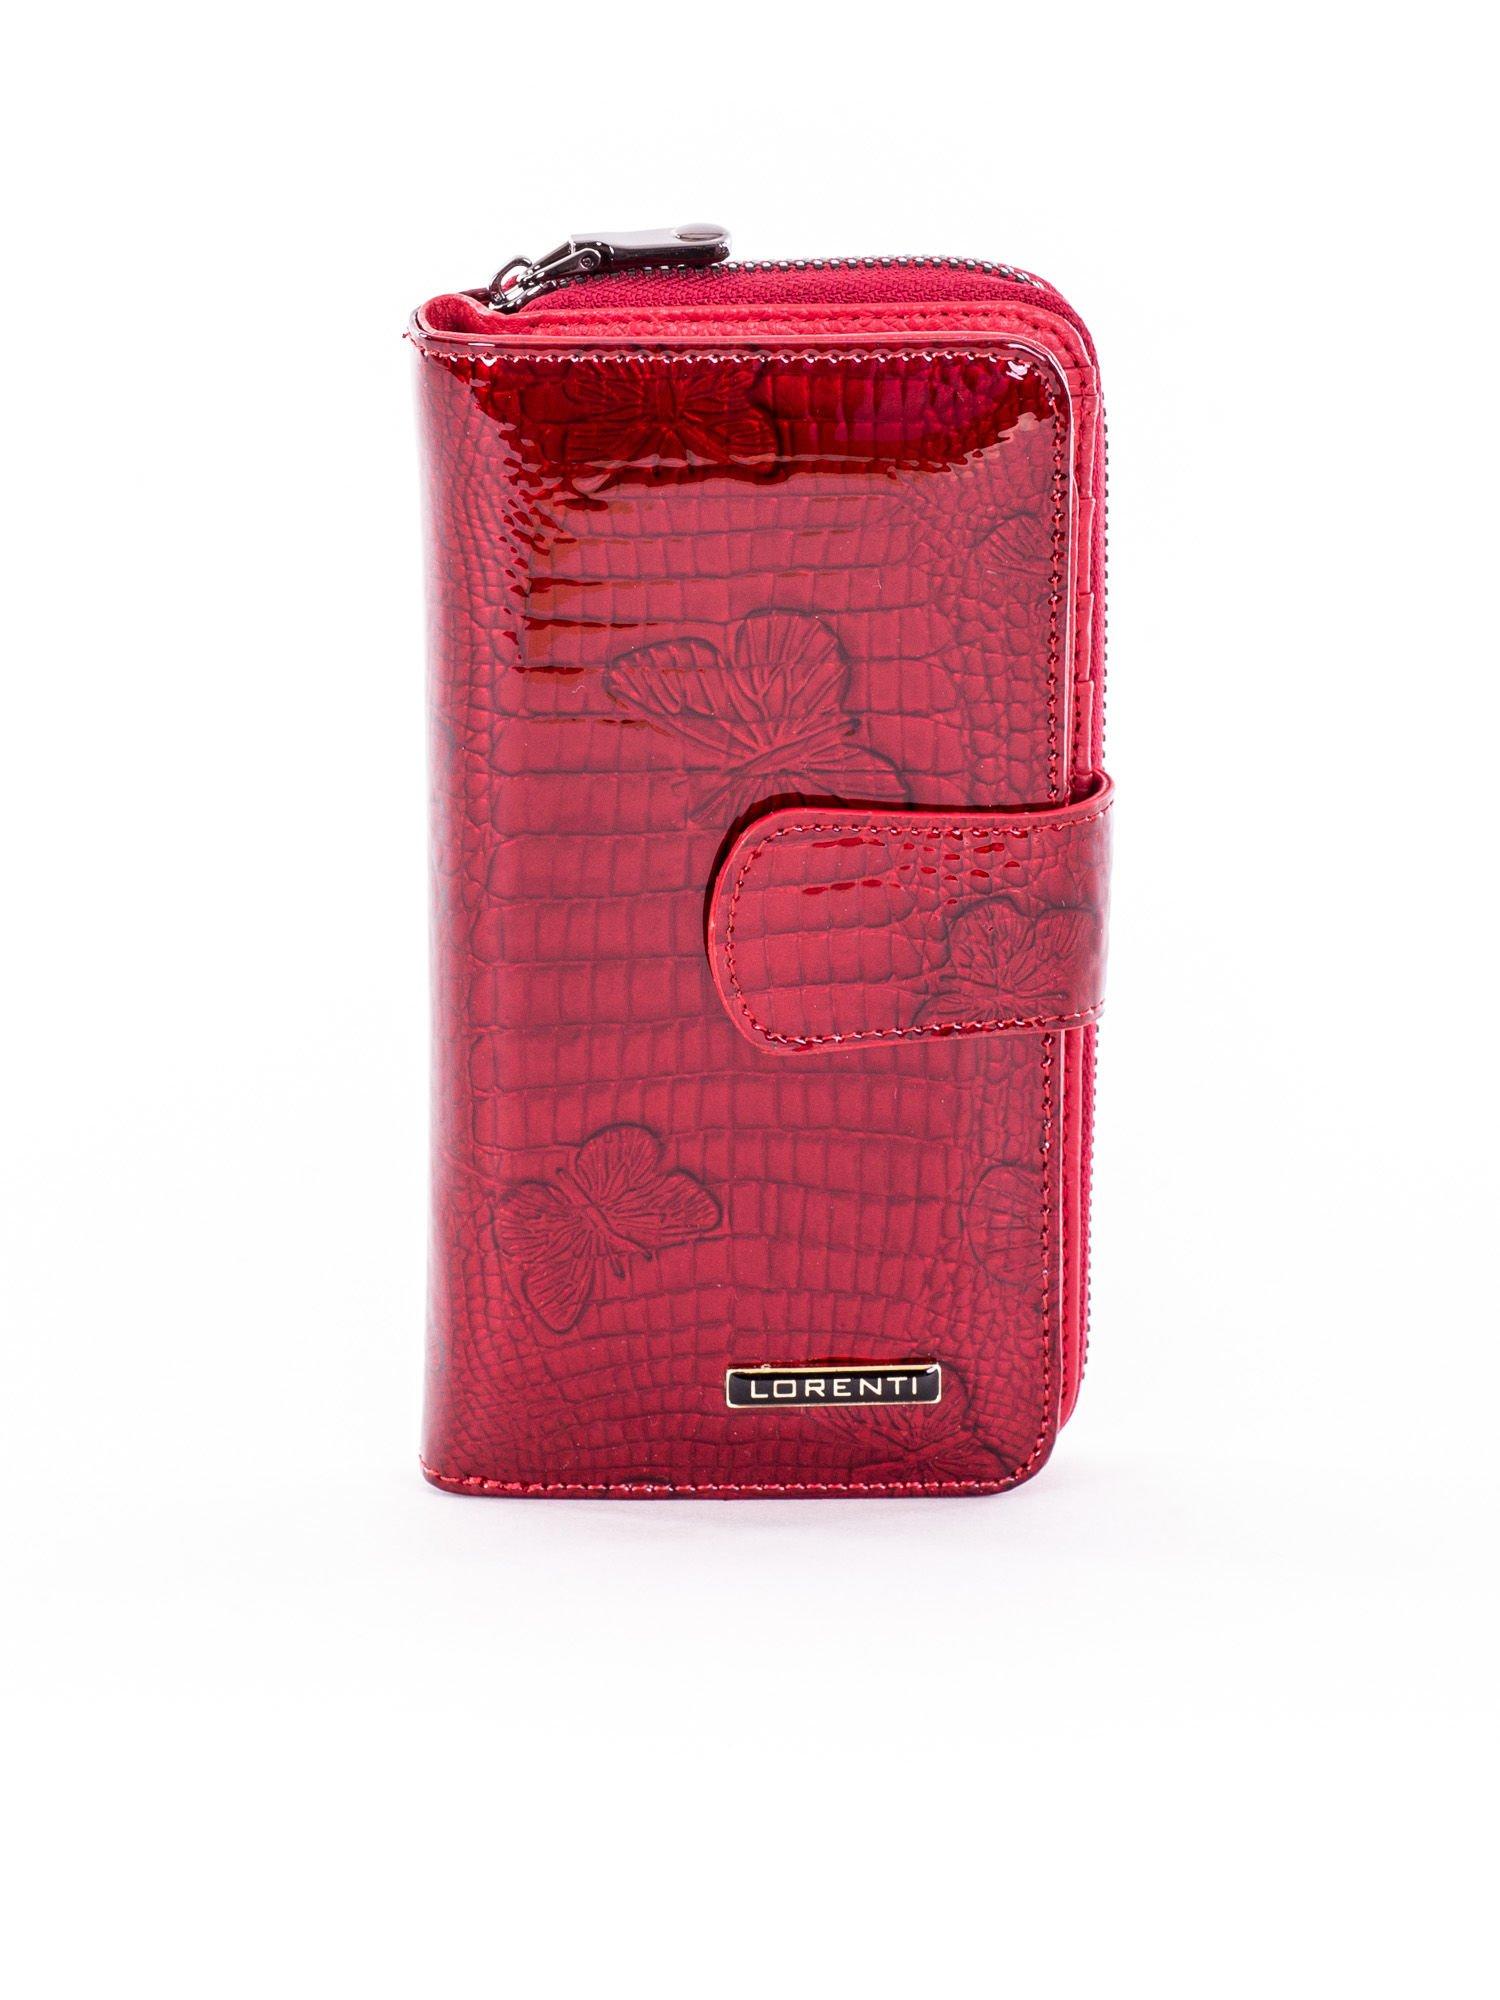 2f252423fe637 Portfel damski czerwony lakierowany z motywem motyli - Akcesoria portfele -  sklep eButik.pl